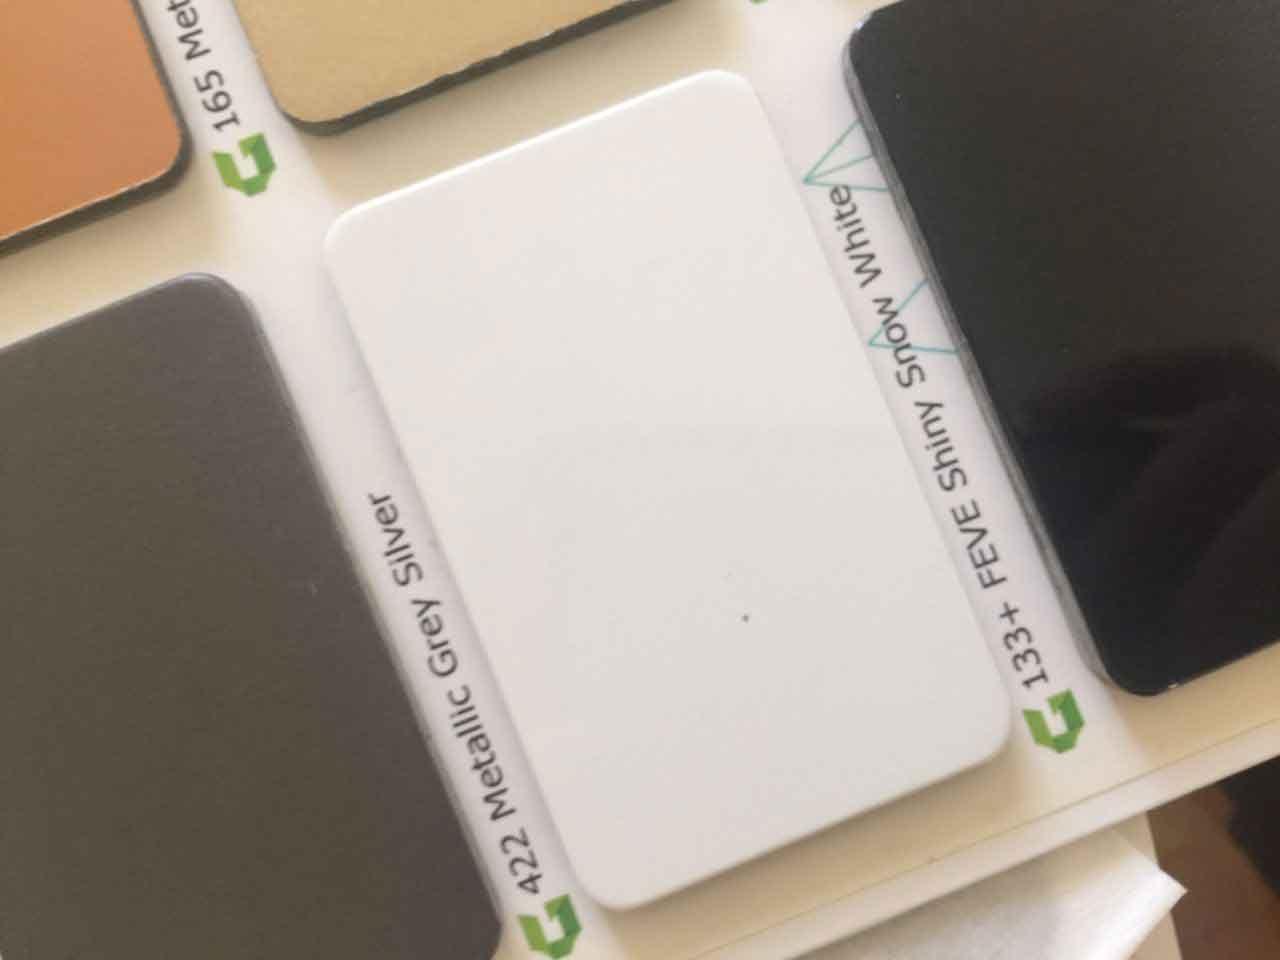 رنگ سفید یخچالی ورق کامپوزت گلوری باند با کد 133